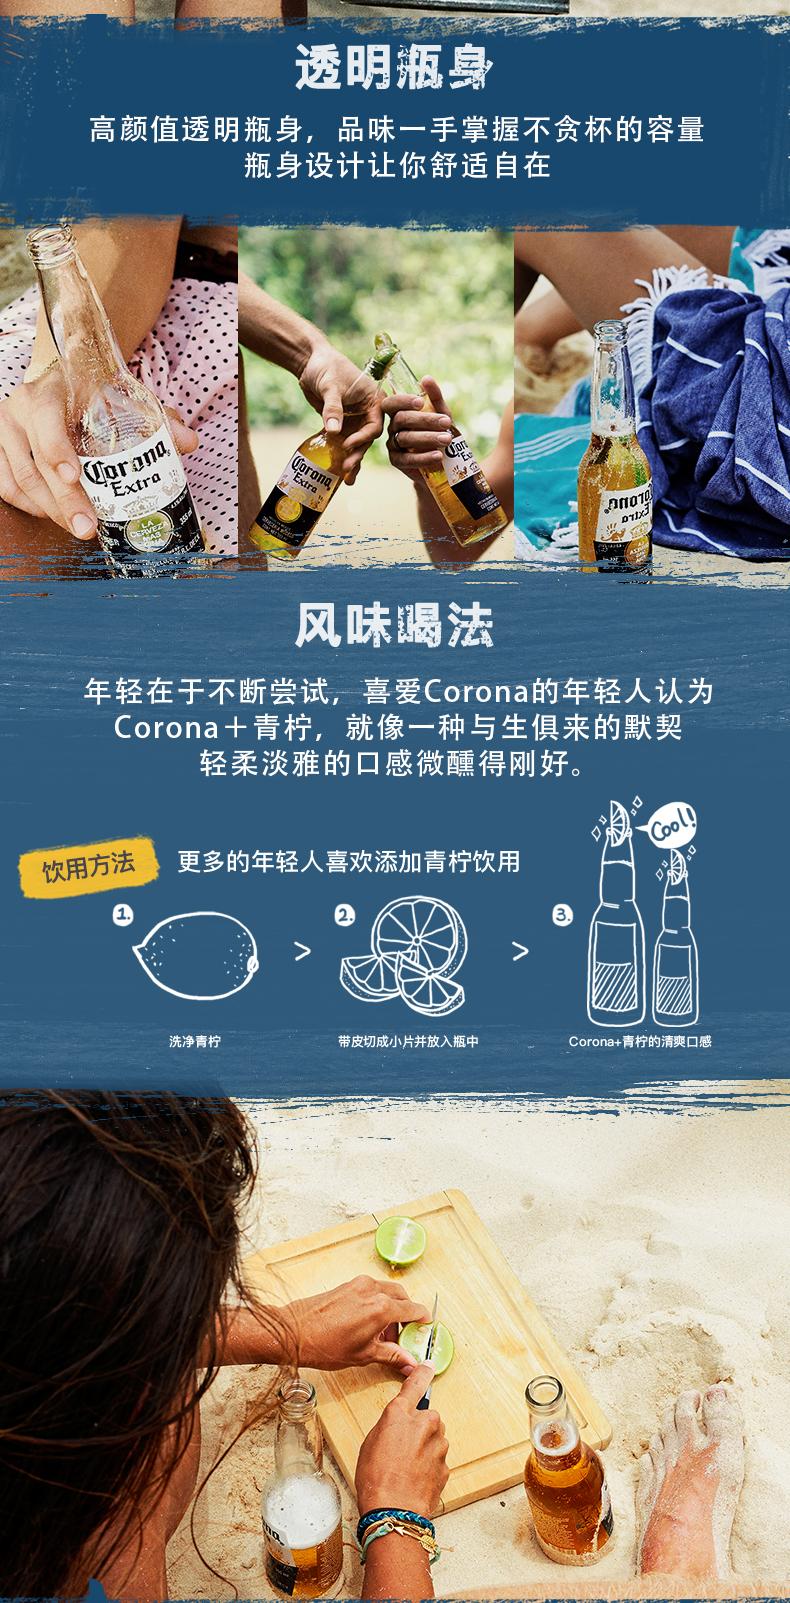 墨西哥原瓶进口 科罗娜 精酿小麦啤酒 330ml*12瓶 图3